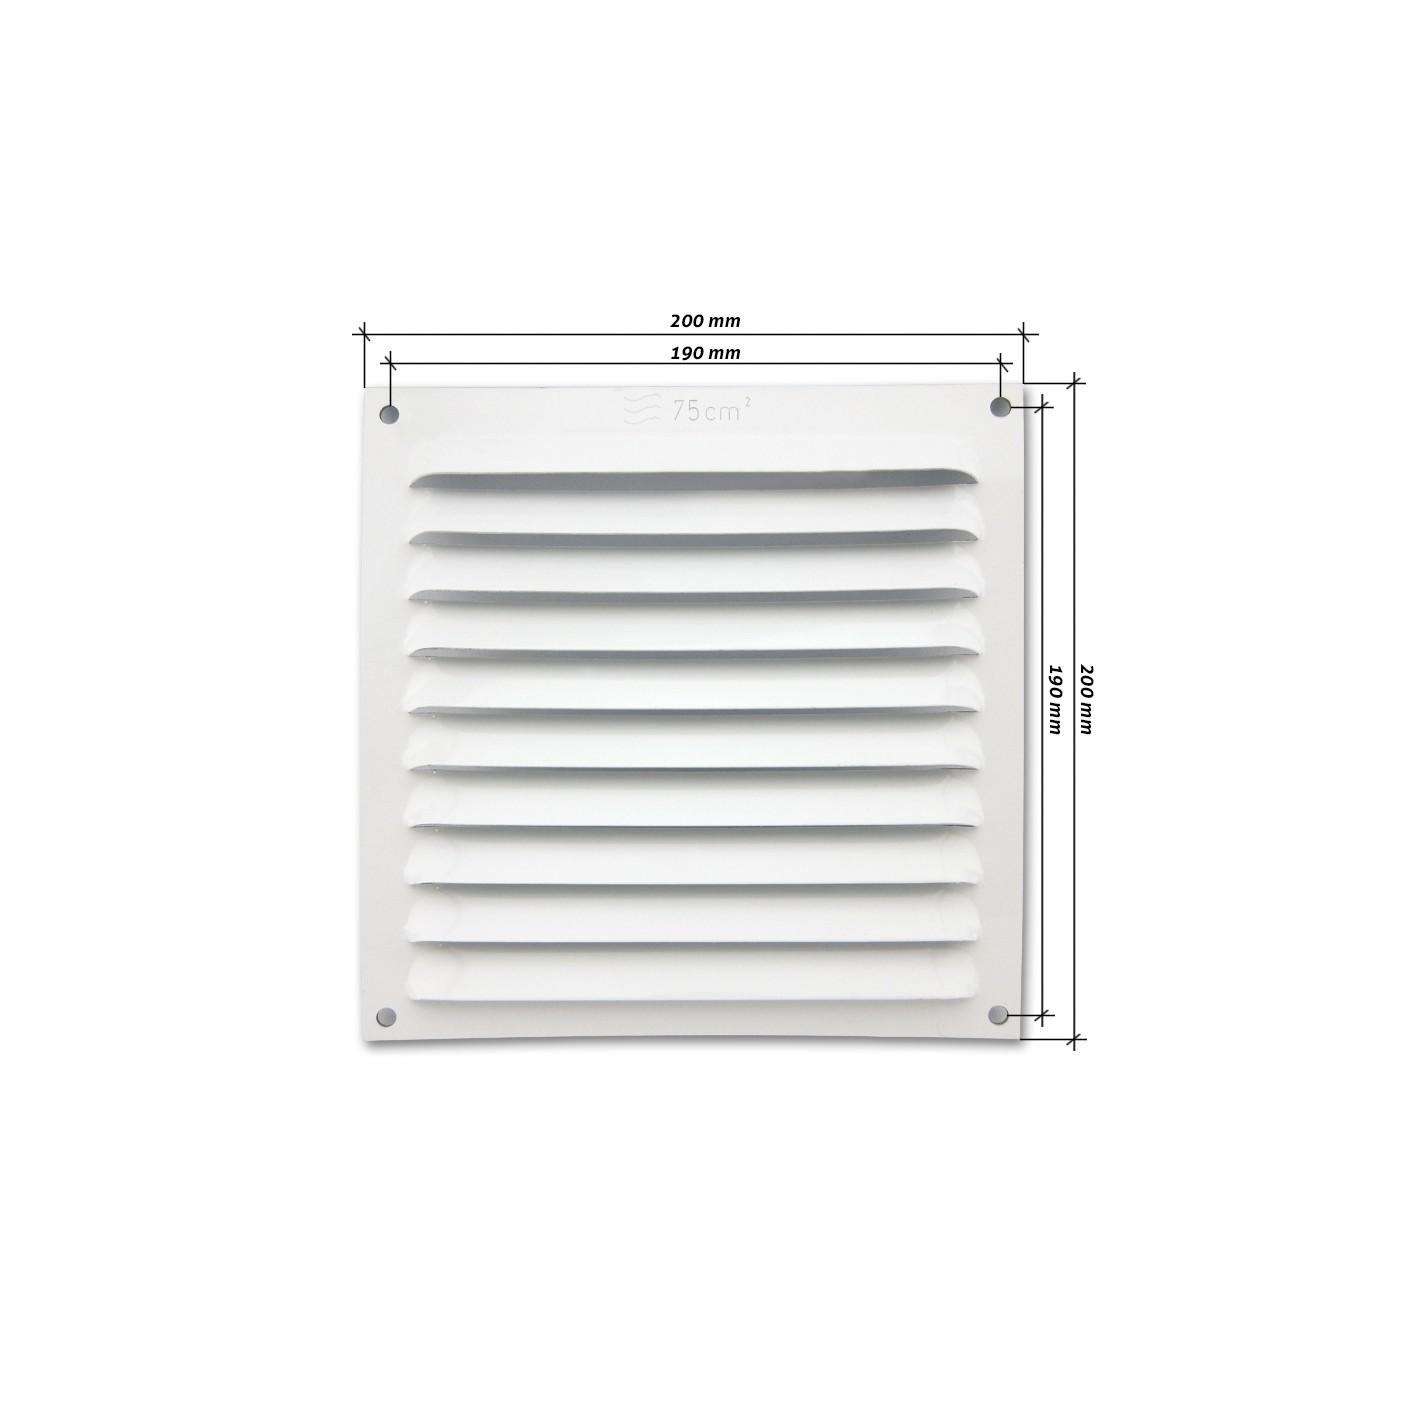 Rejilla de ventilaci n plana 200x200 mm blanca alg sistemas - Rejillas de ventilacion precios ...